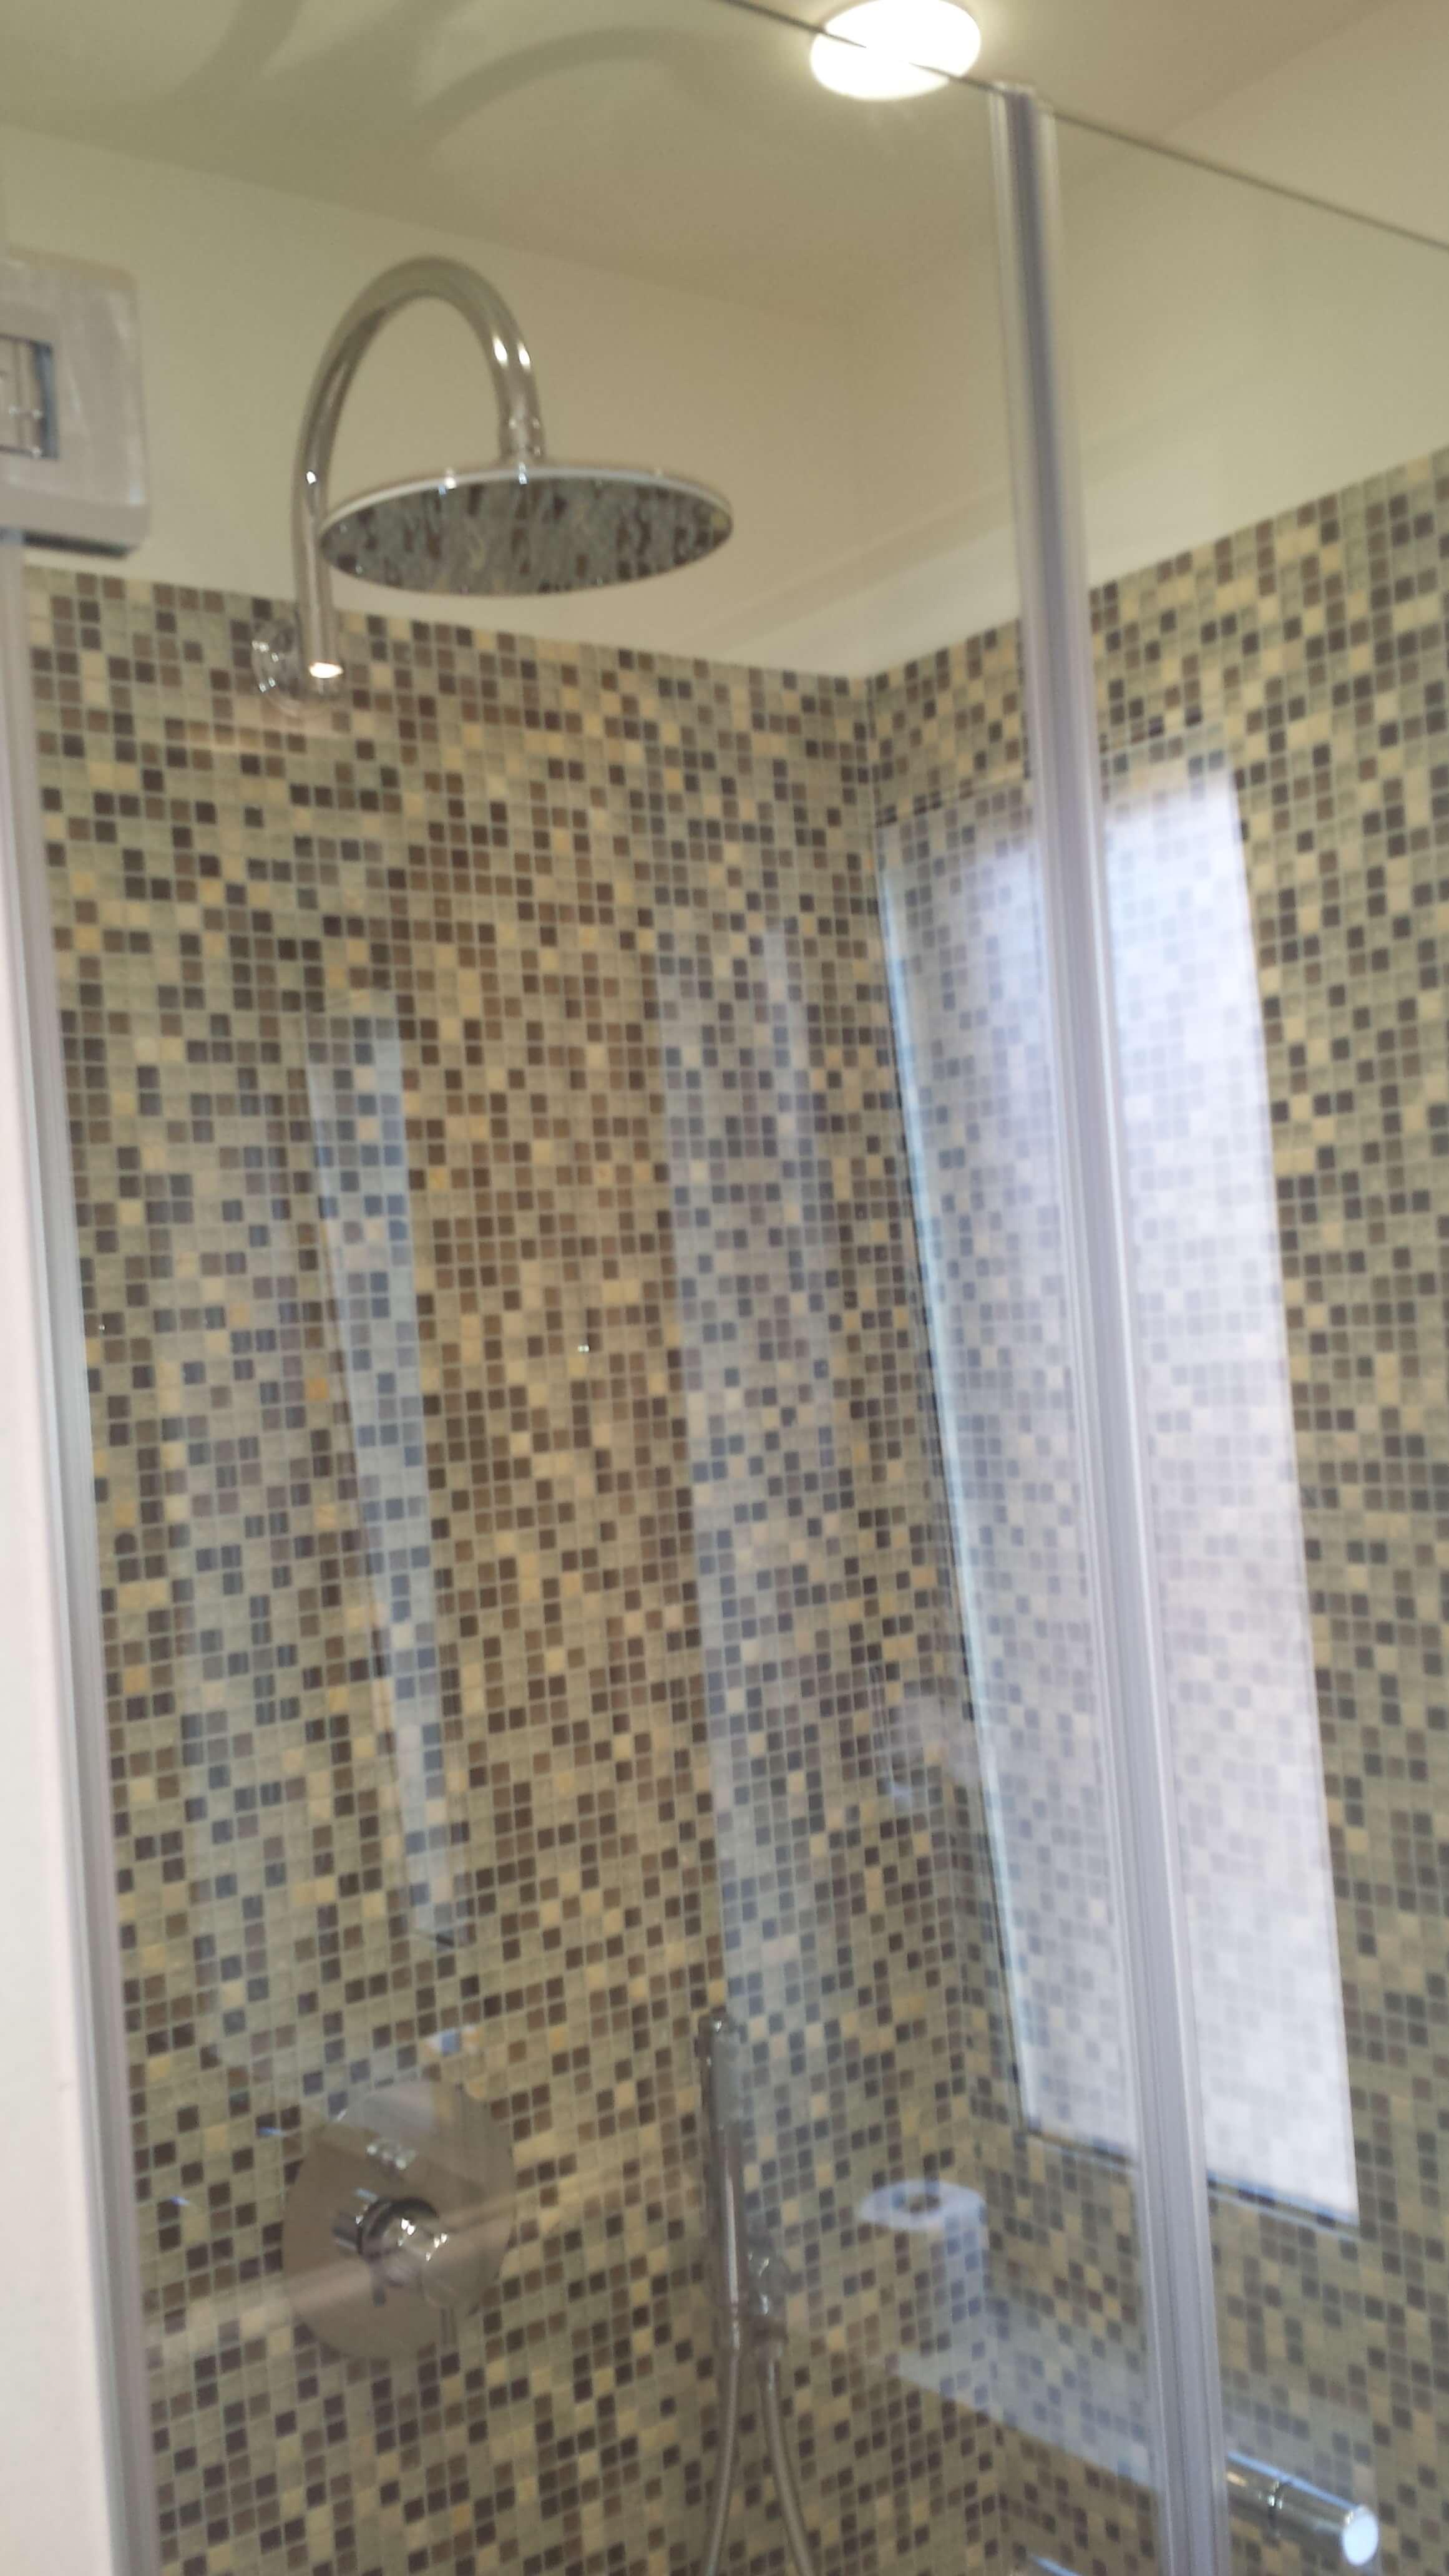 doccia con soffione fisso dall'alto e pareti a mosaico